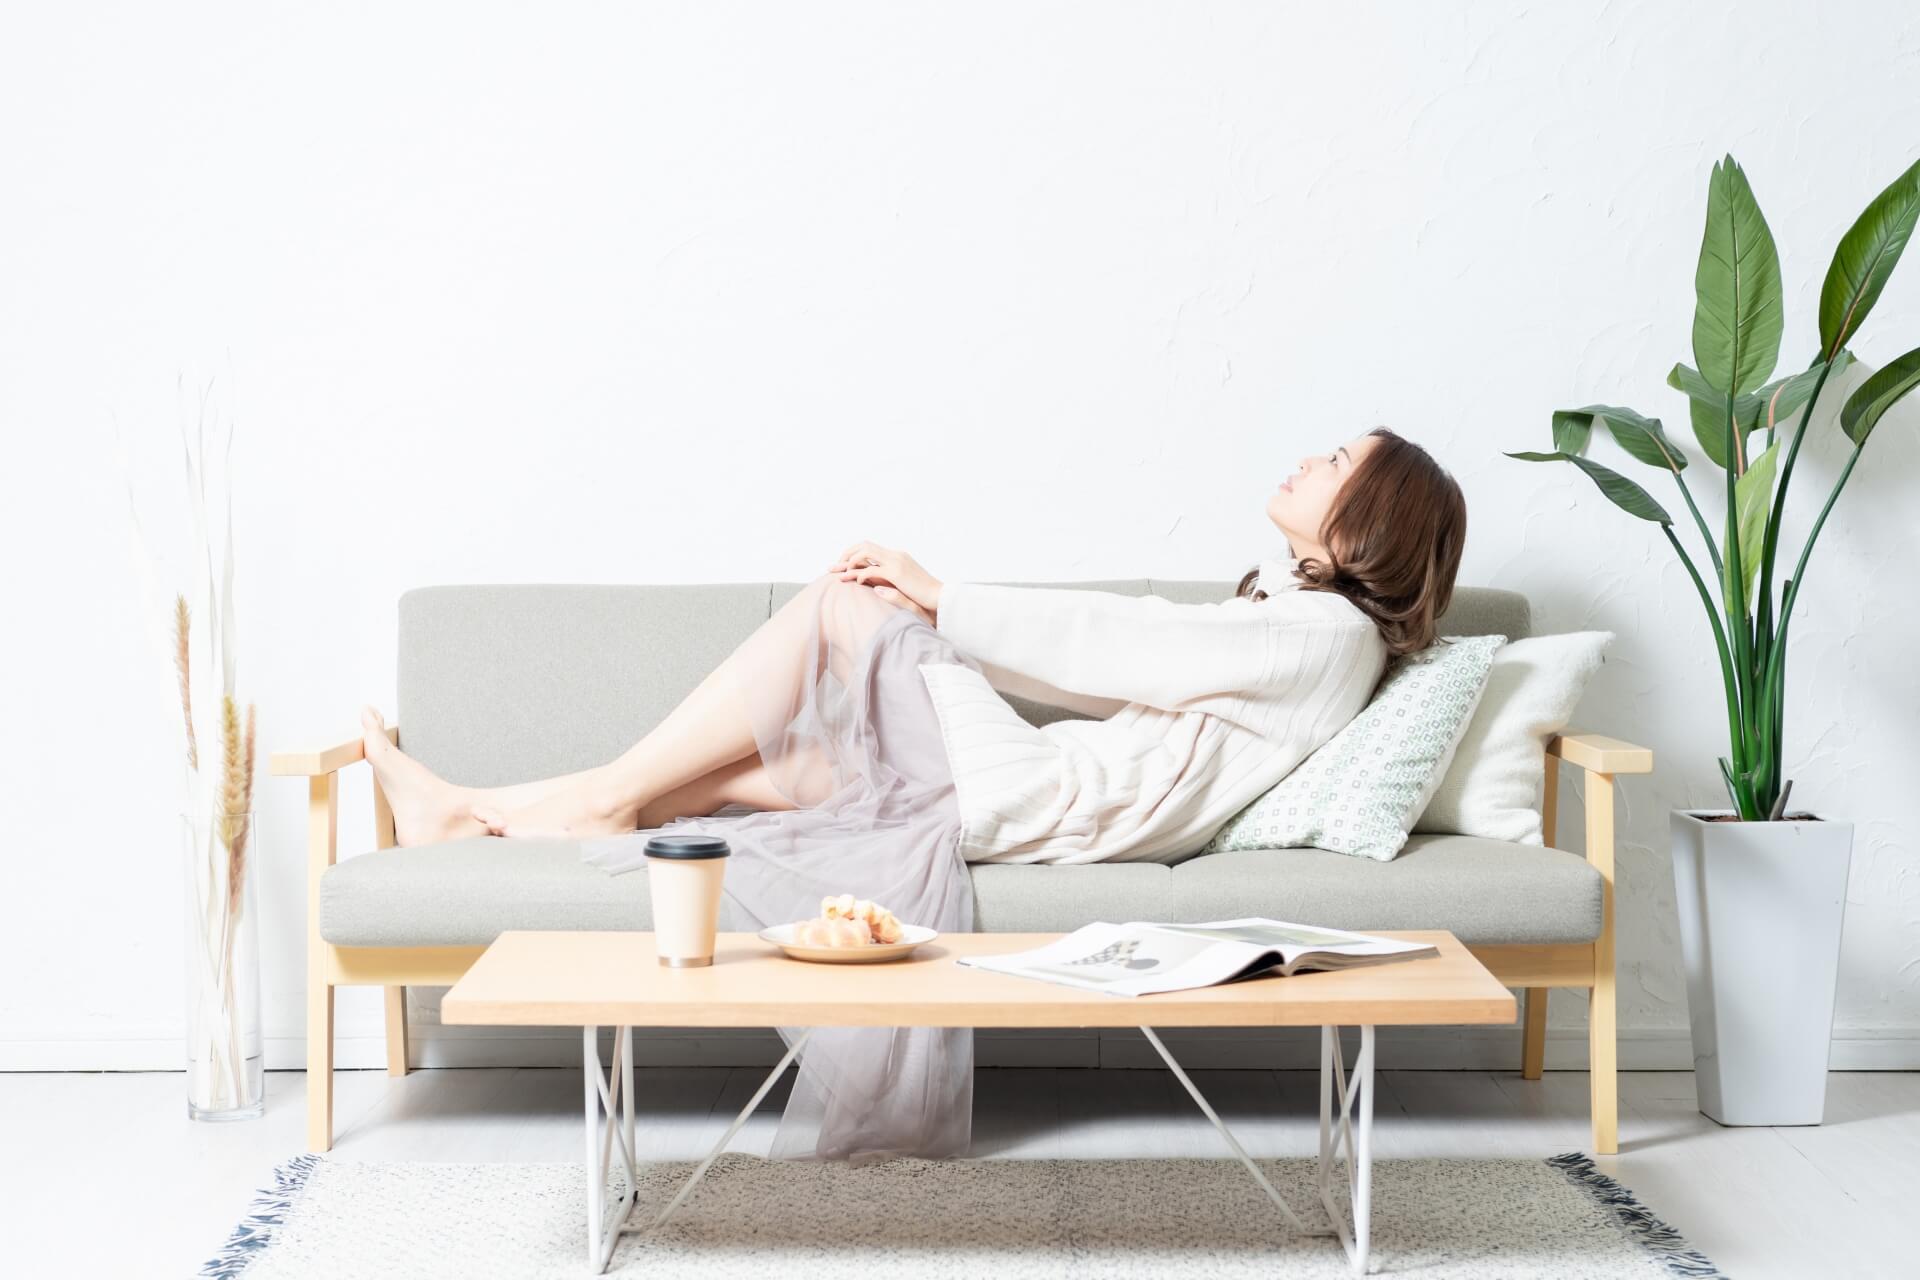 【一人暮らし】引越し費用と家具家電